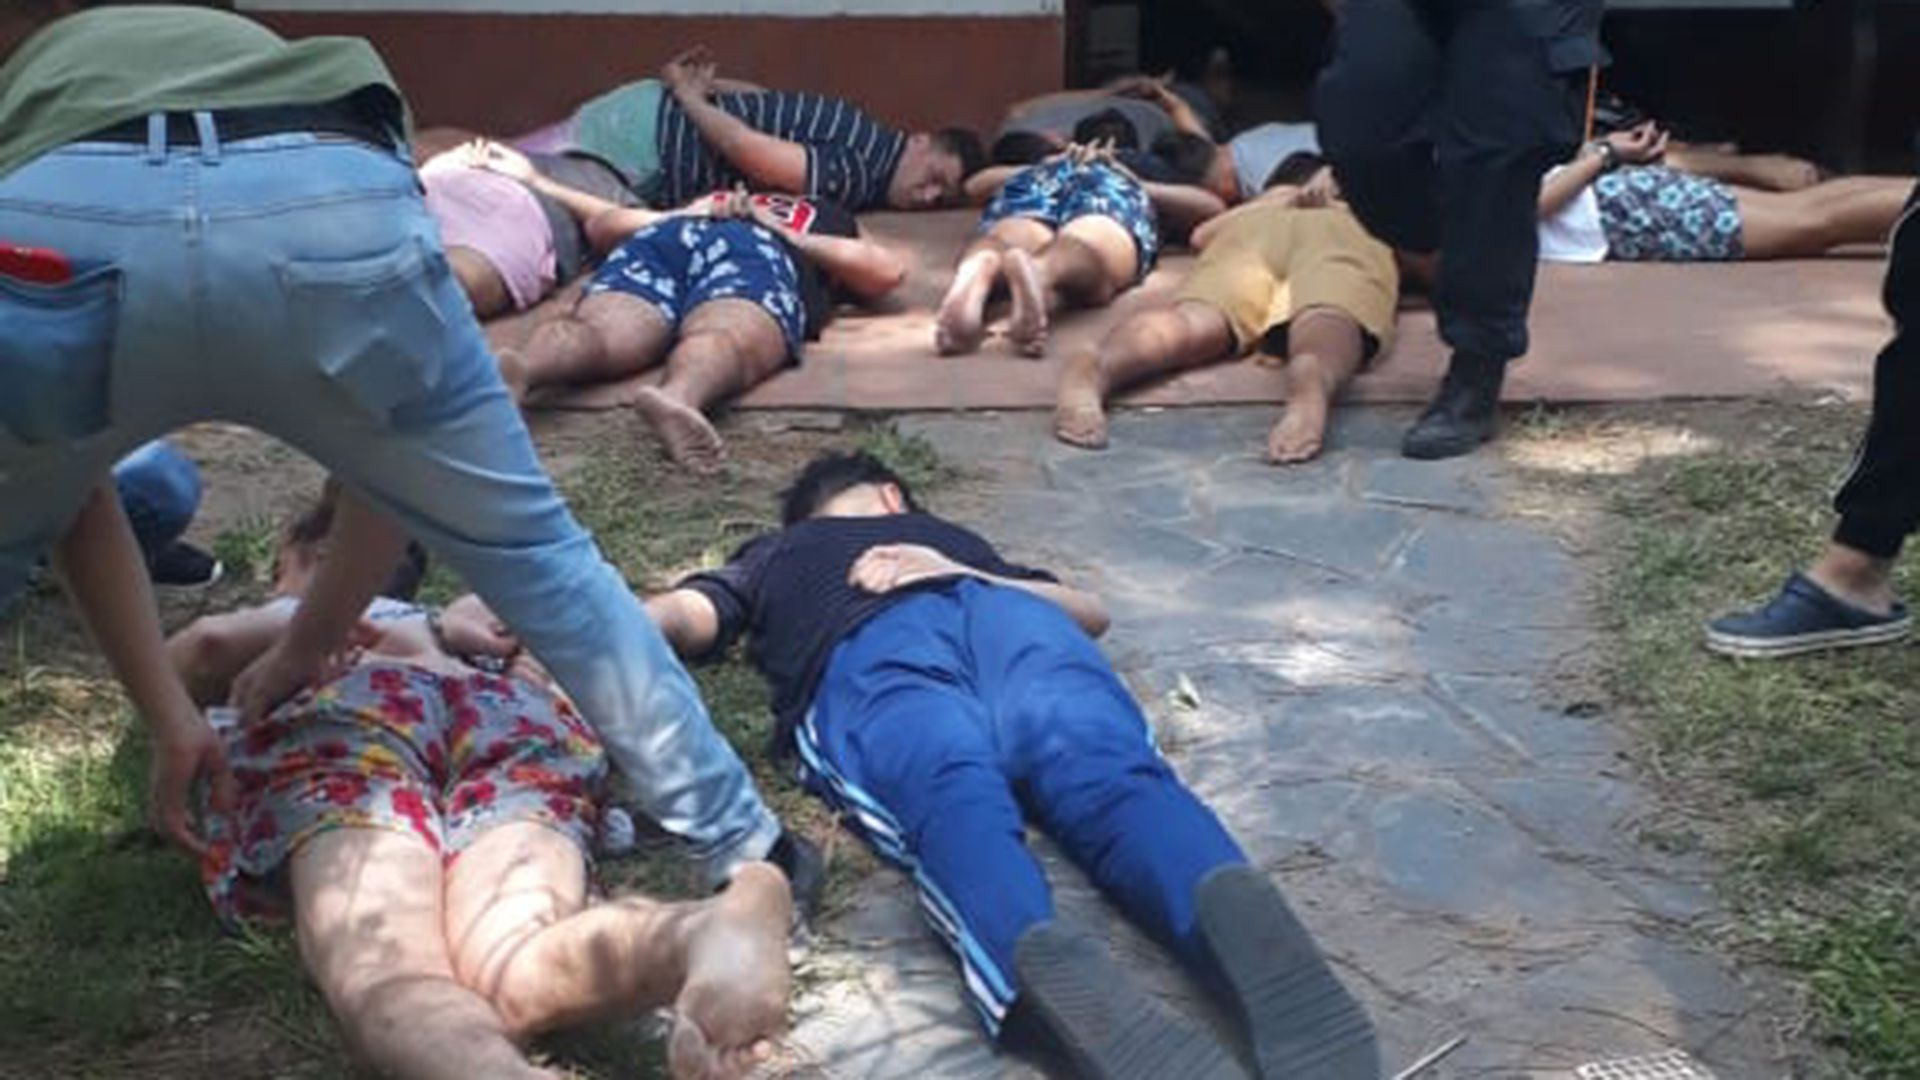 Los detenidos habían ido a Villa Gesell de vacaciones